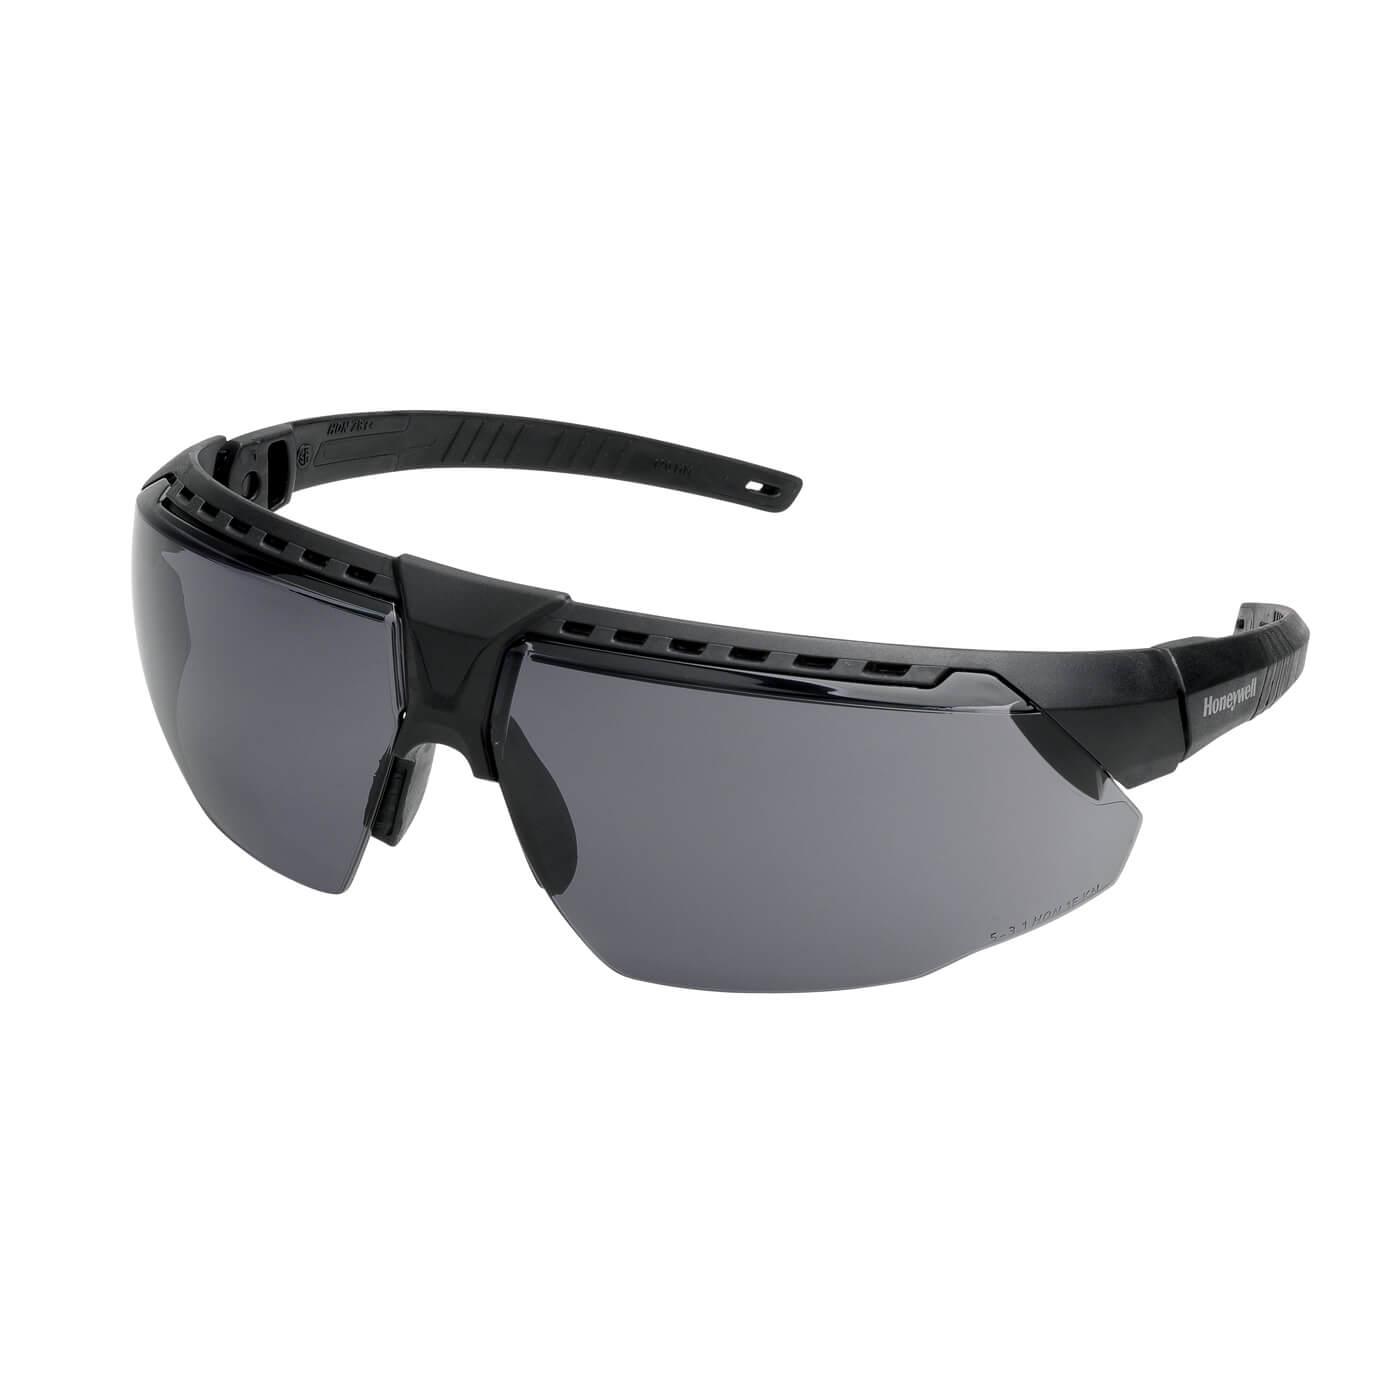 Okulary ochronne Avatar 1034832 szara soczewka